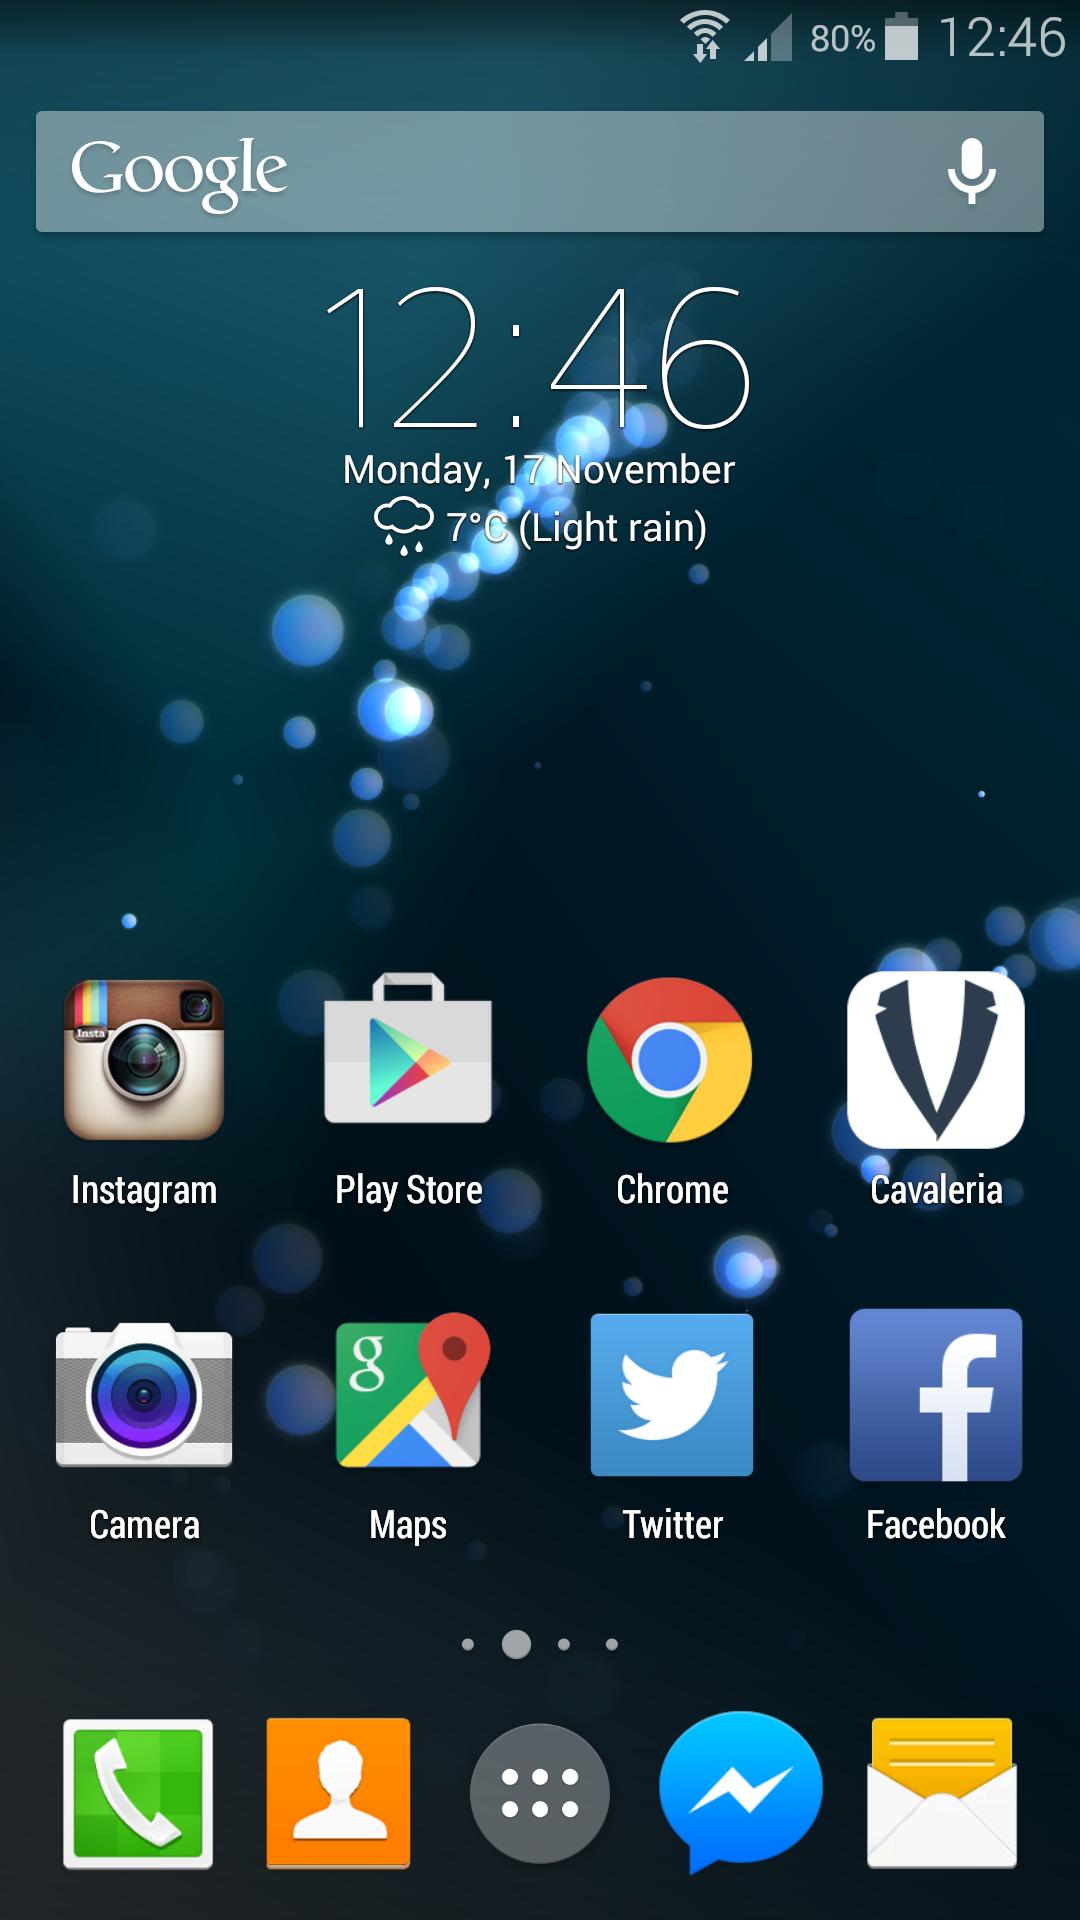 Cavaleria-Android-Chrome-3